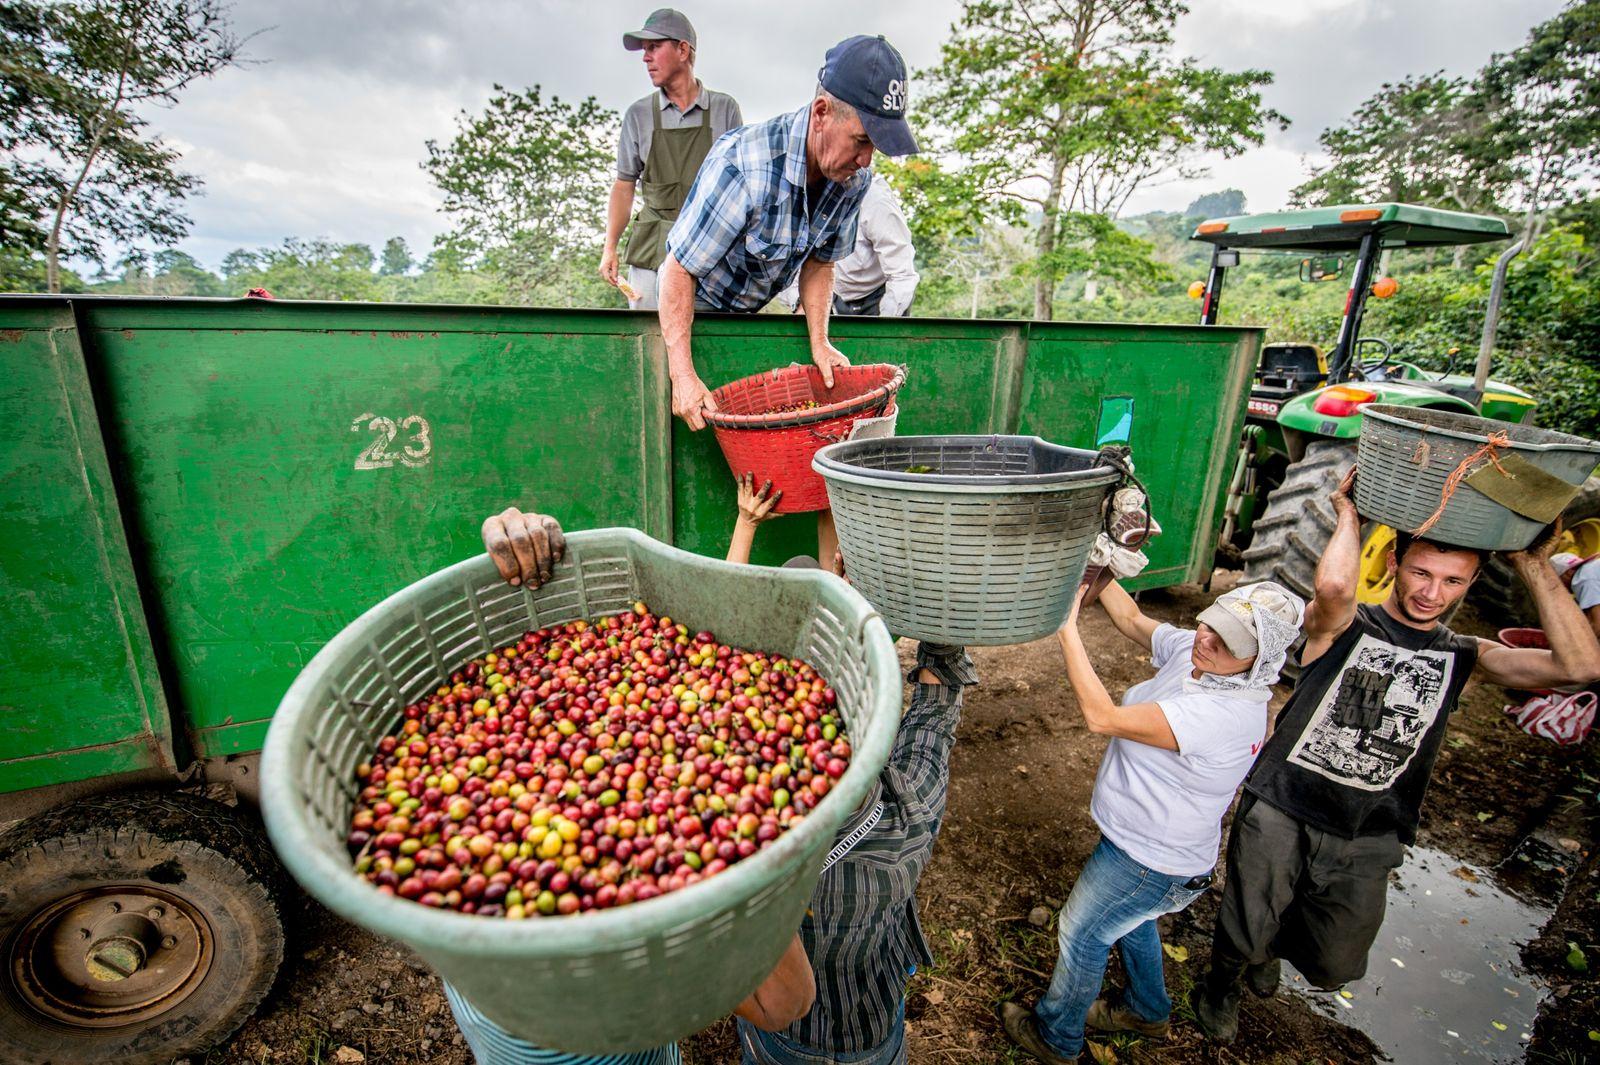 Des ouvriers agricoles chargent des cerises de café sur une remorque, à Aquires. Chaque fruit contient ...